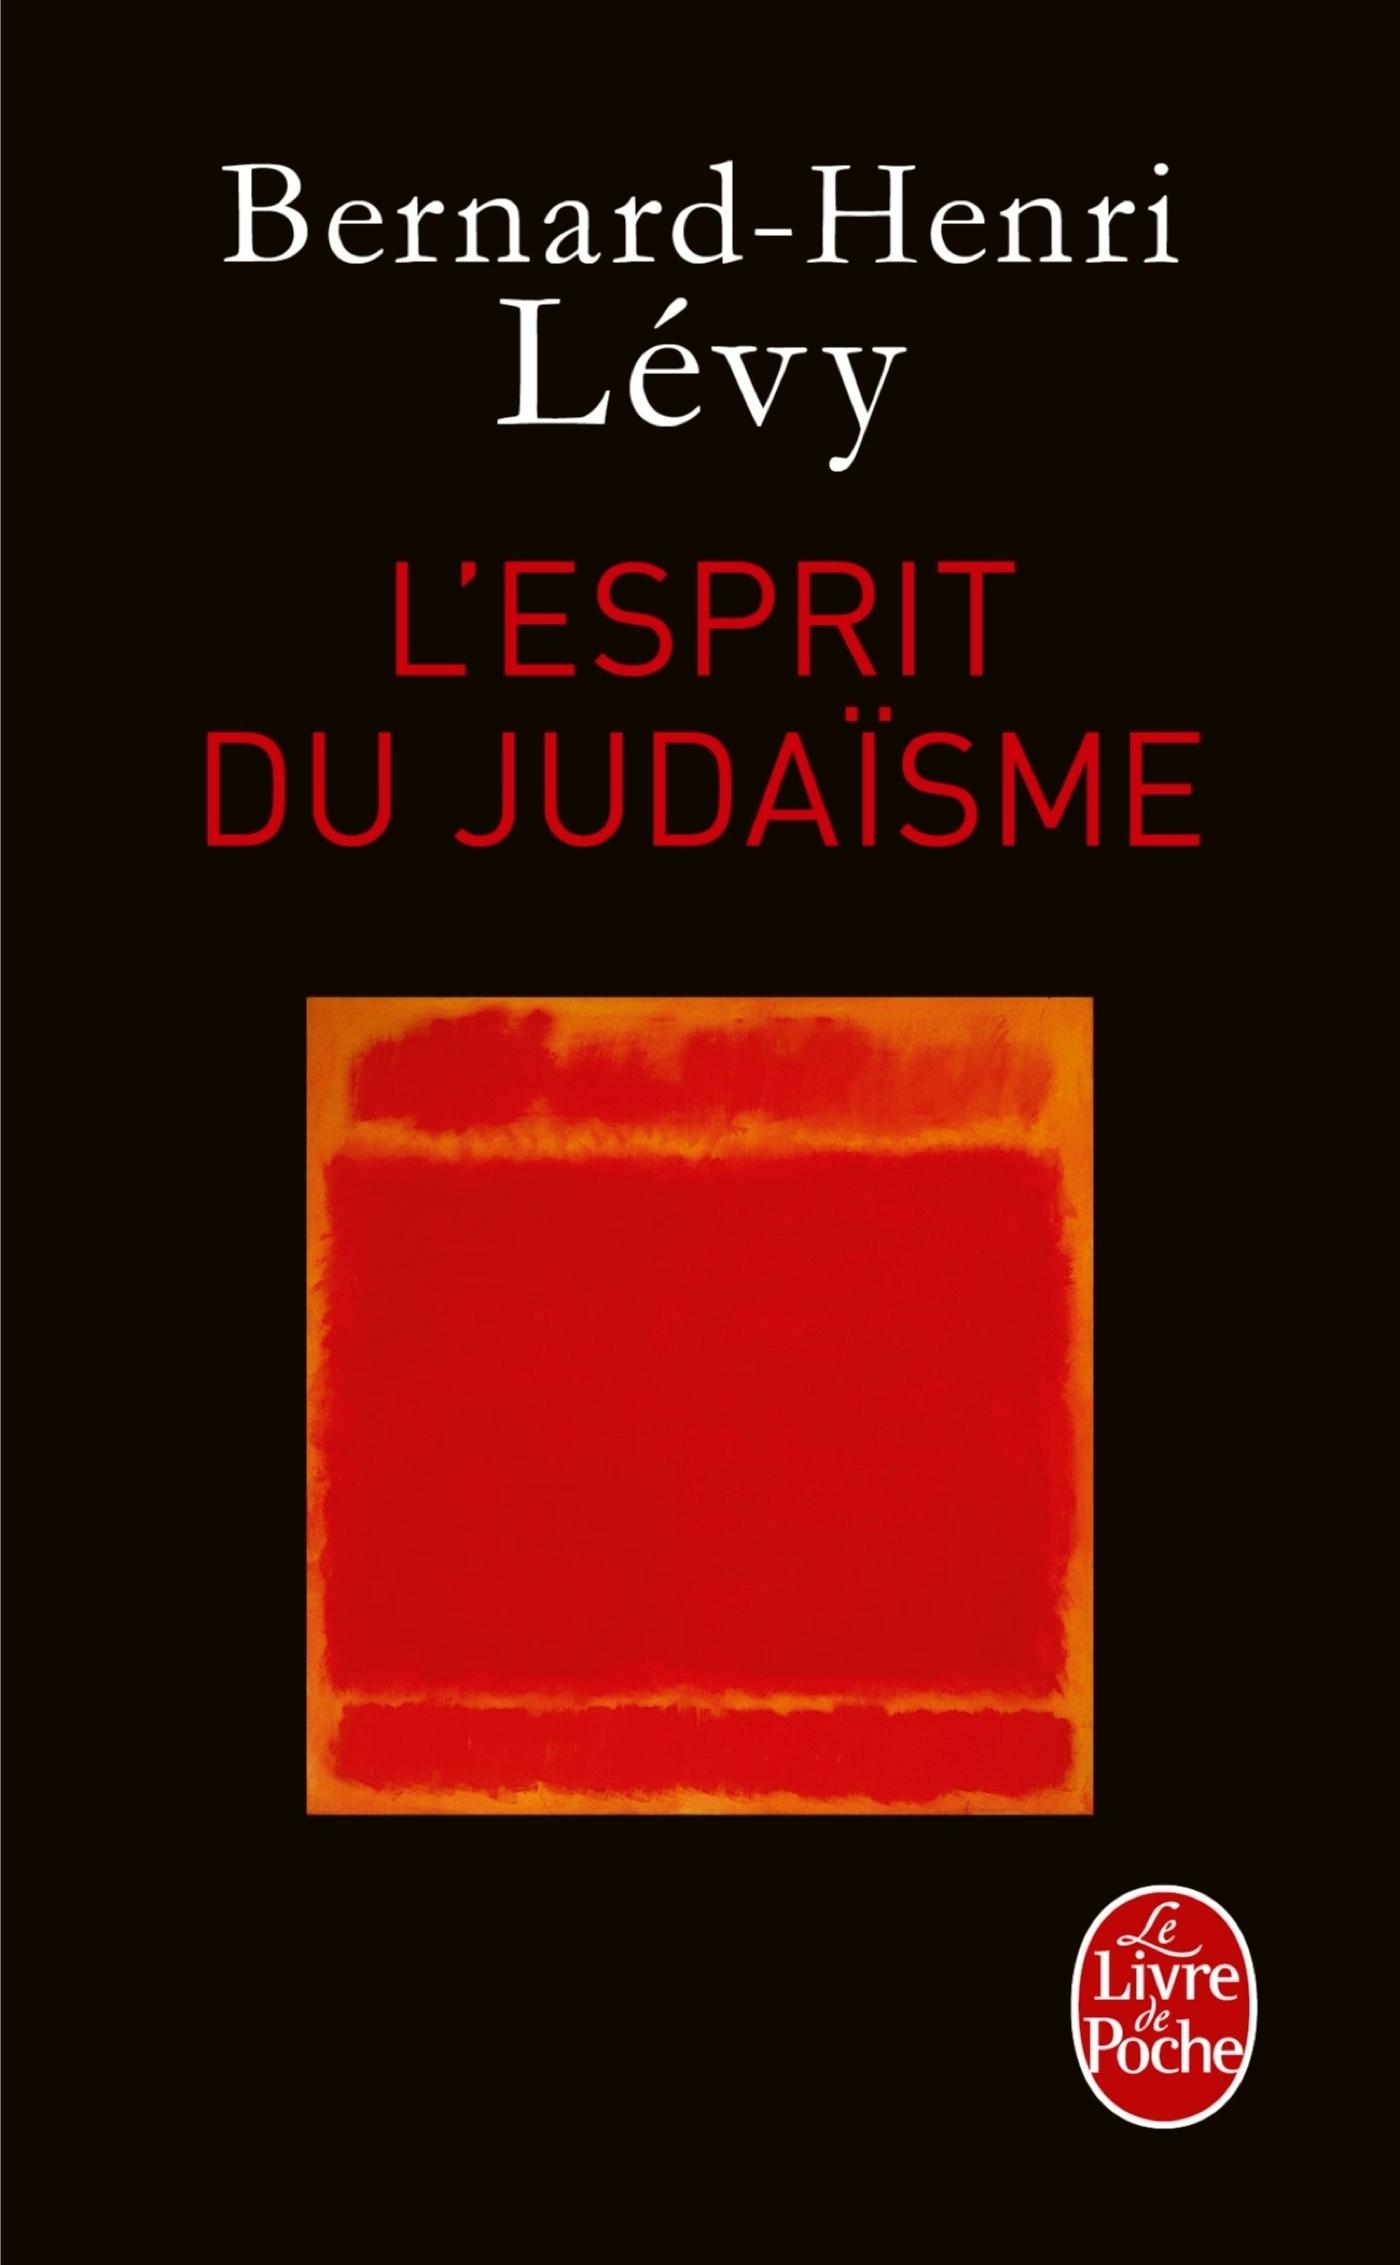 L'ESPRIT DU JUDAISME